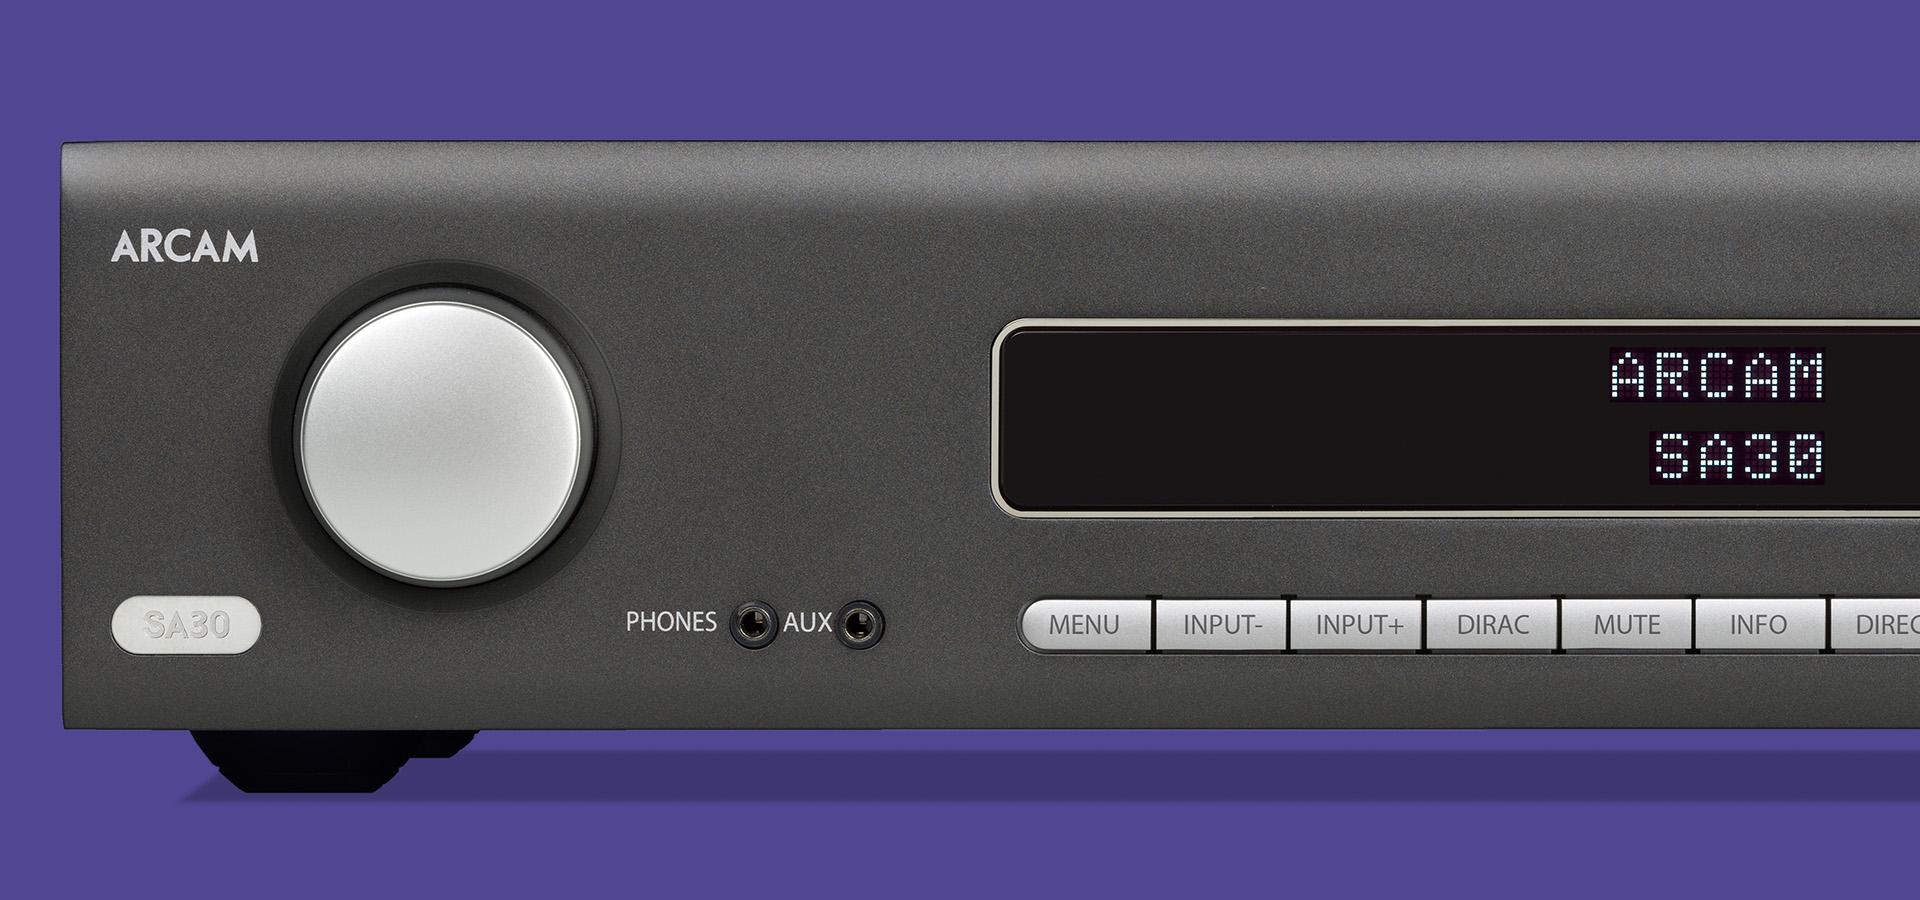 Больше, чем шаг вперёд: интегральный усилитель Arcam SA30 в обзоре Hi-Fi Choice